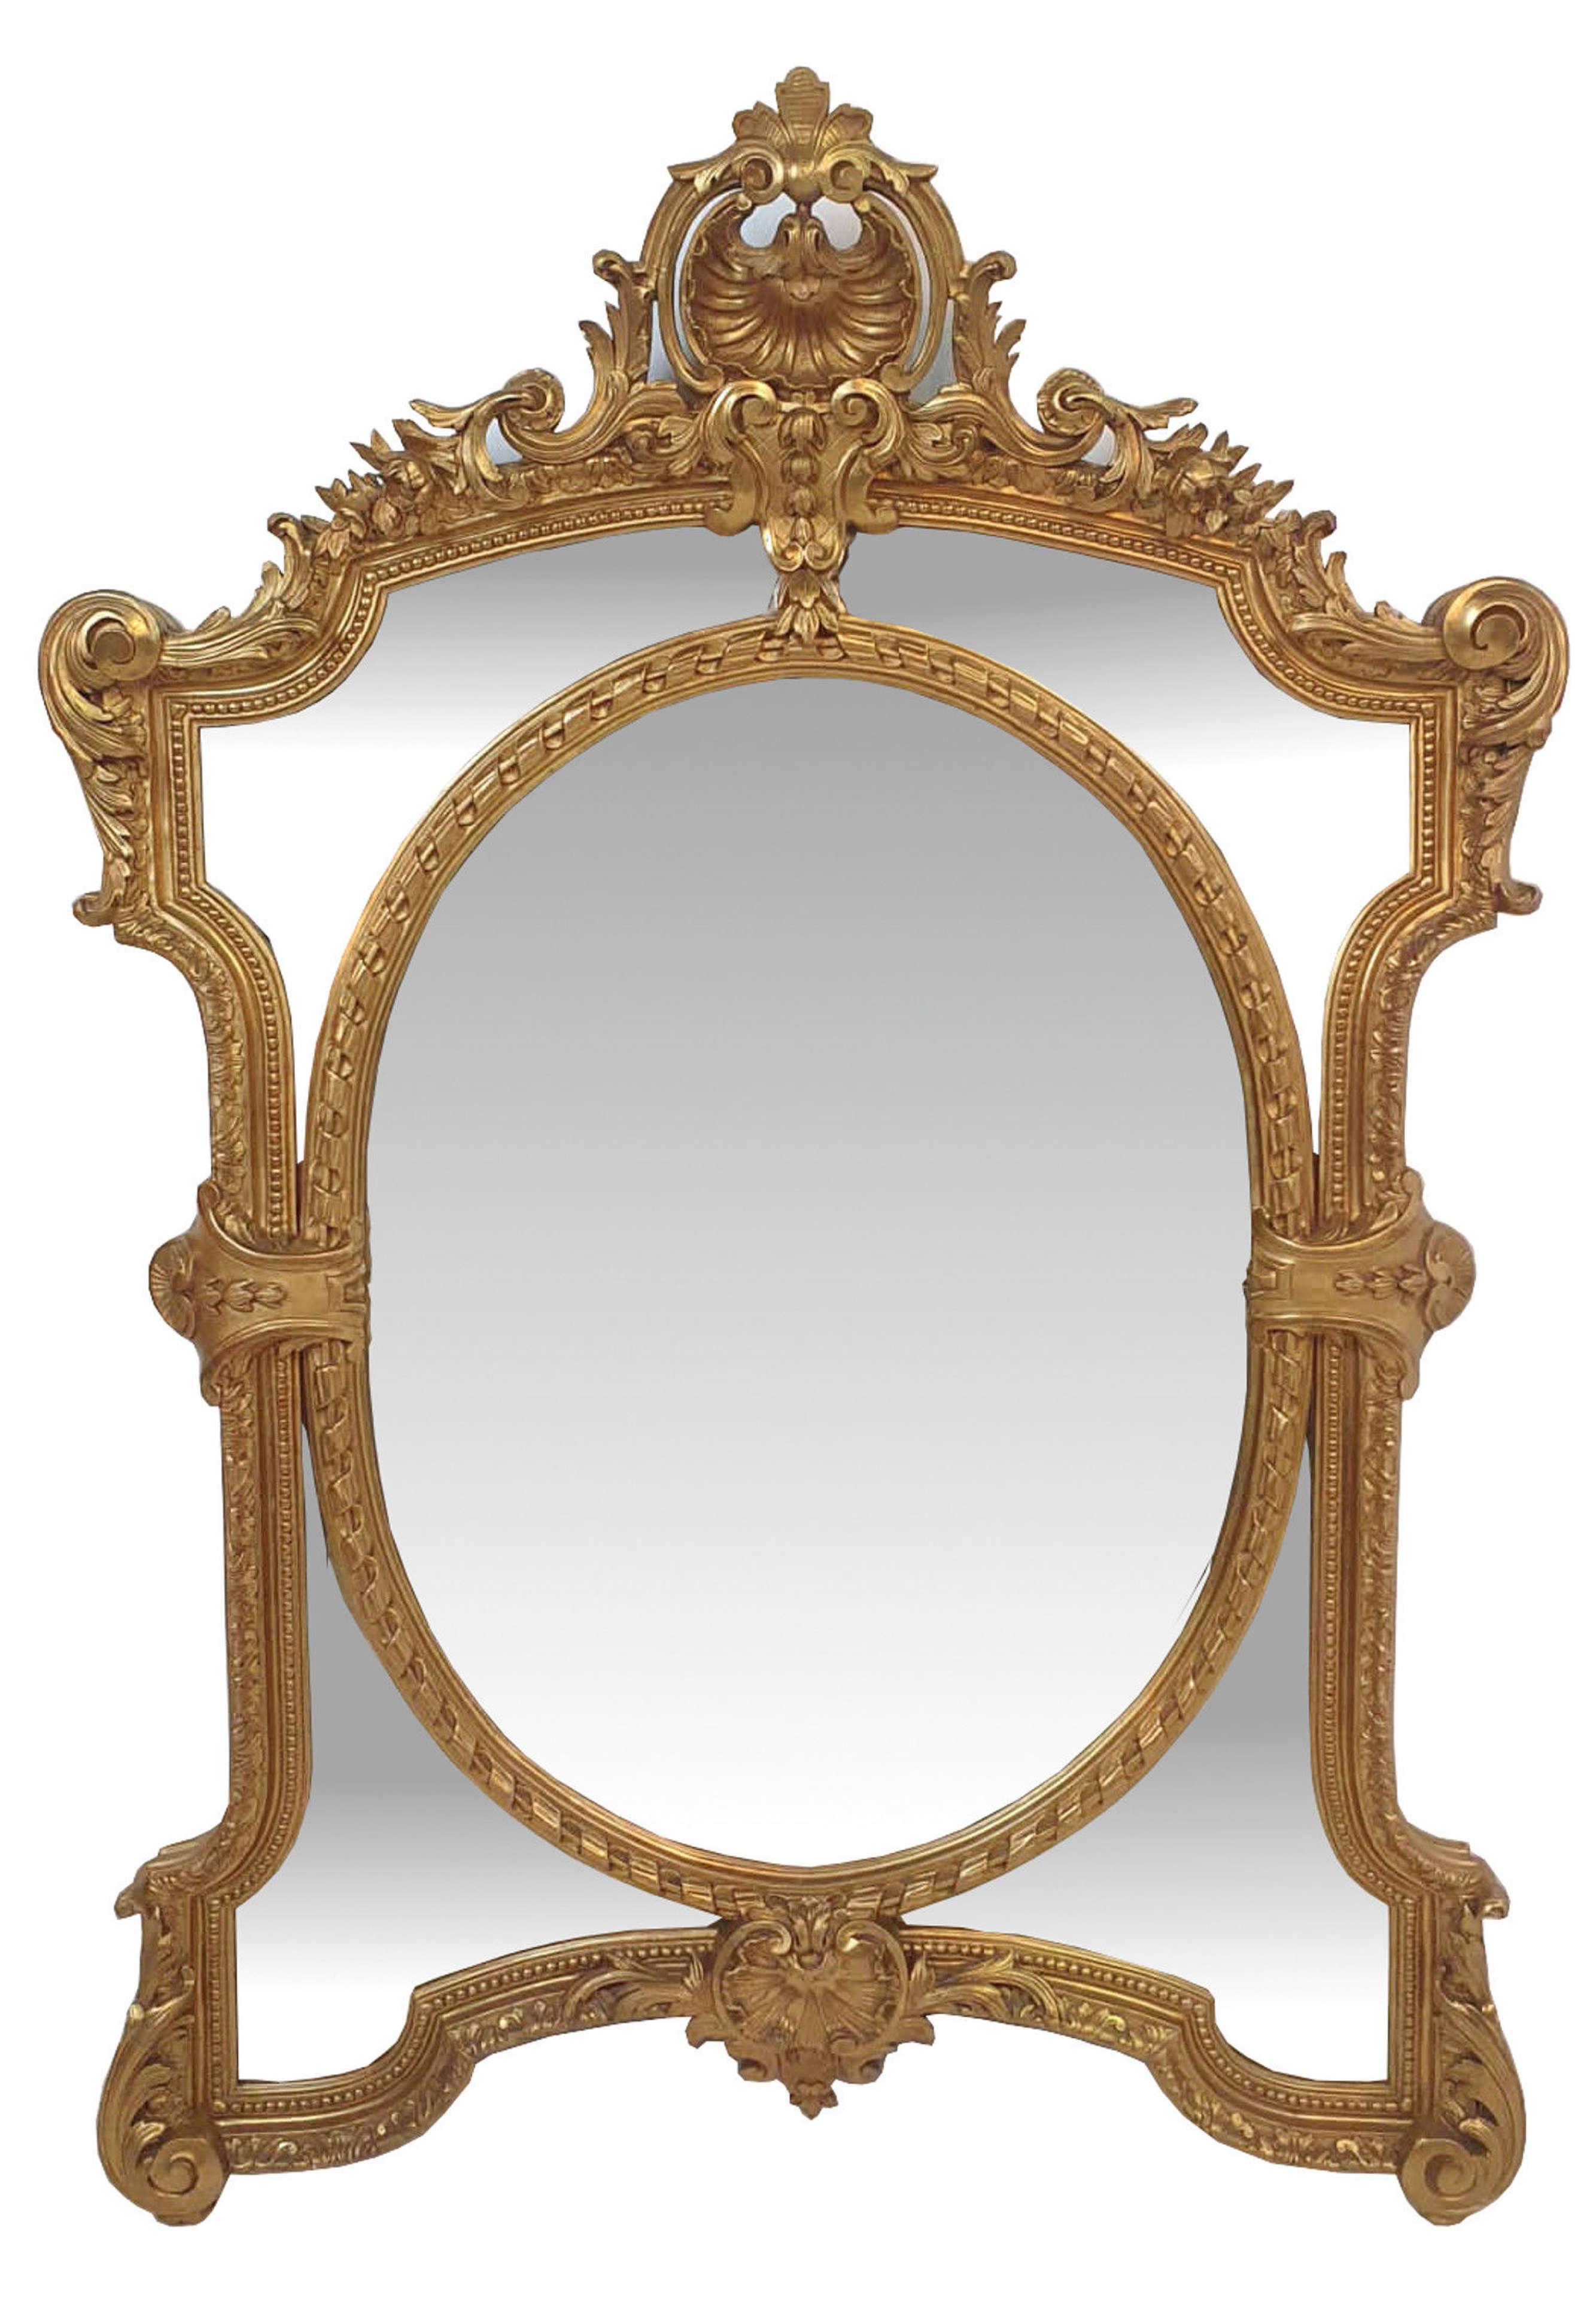 19th Century Gilt Framed Margin Mirror